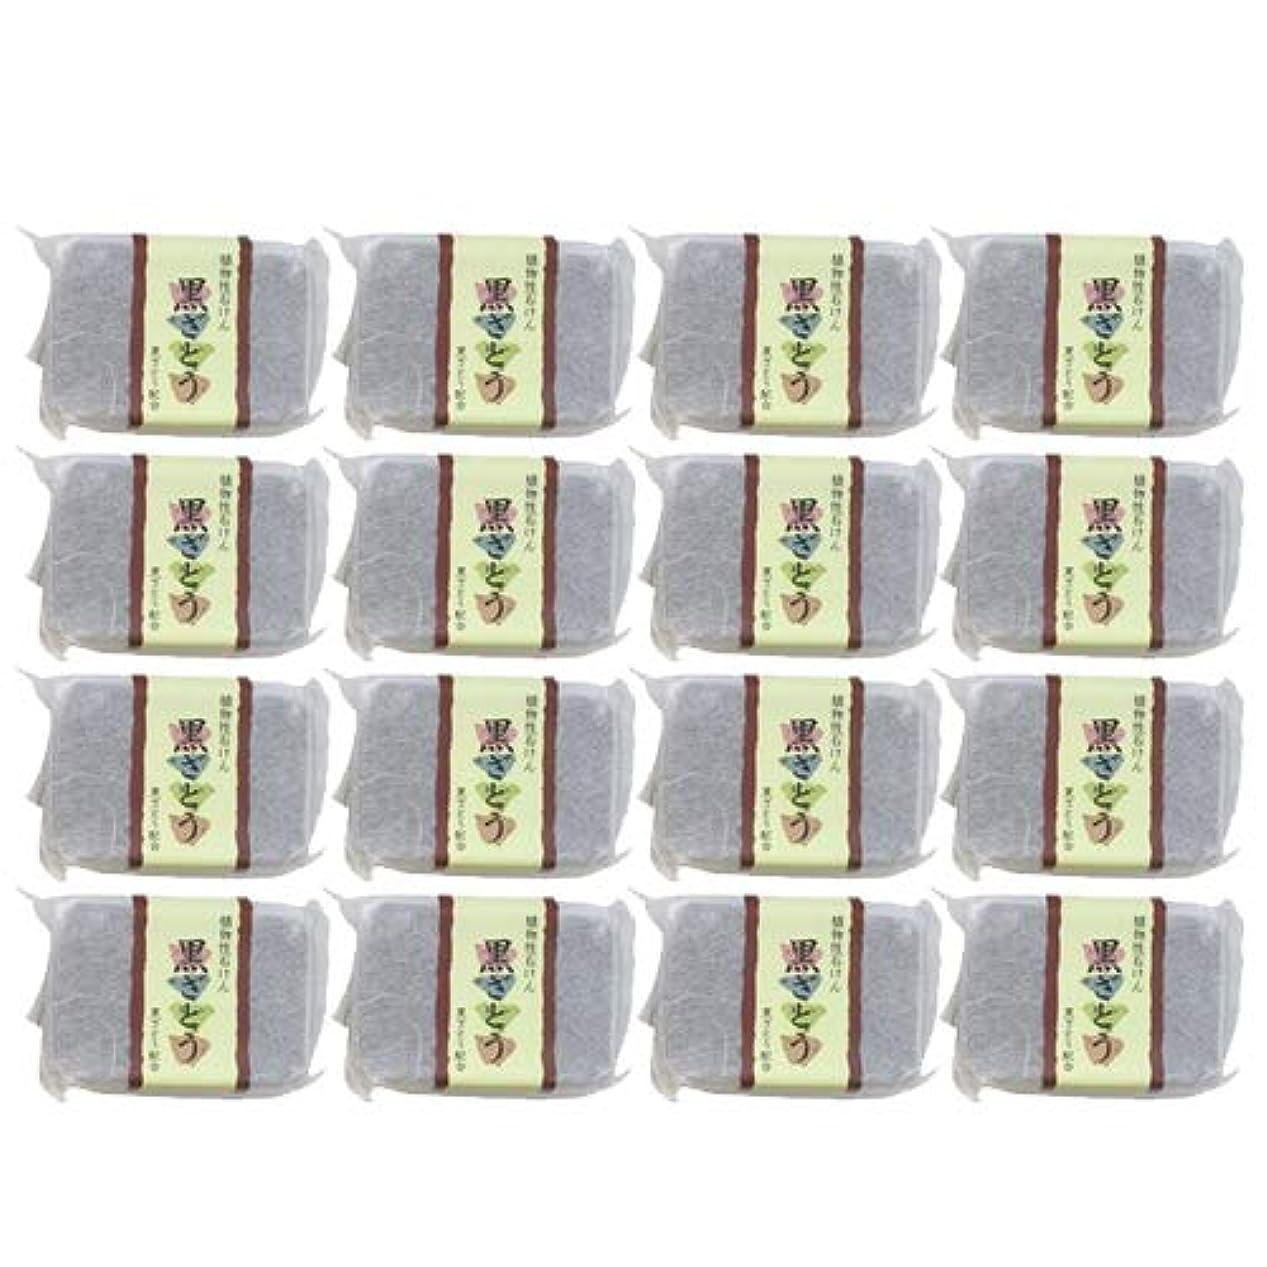 タイヤメンバー契約植物性ソープ 自然石けん 黒ざとう 80g ×16個